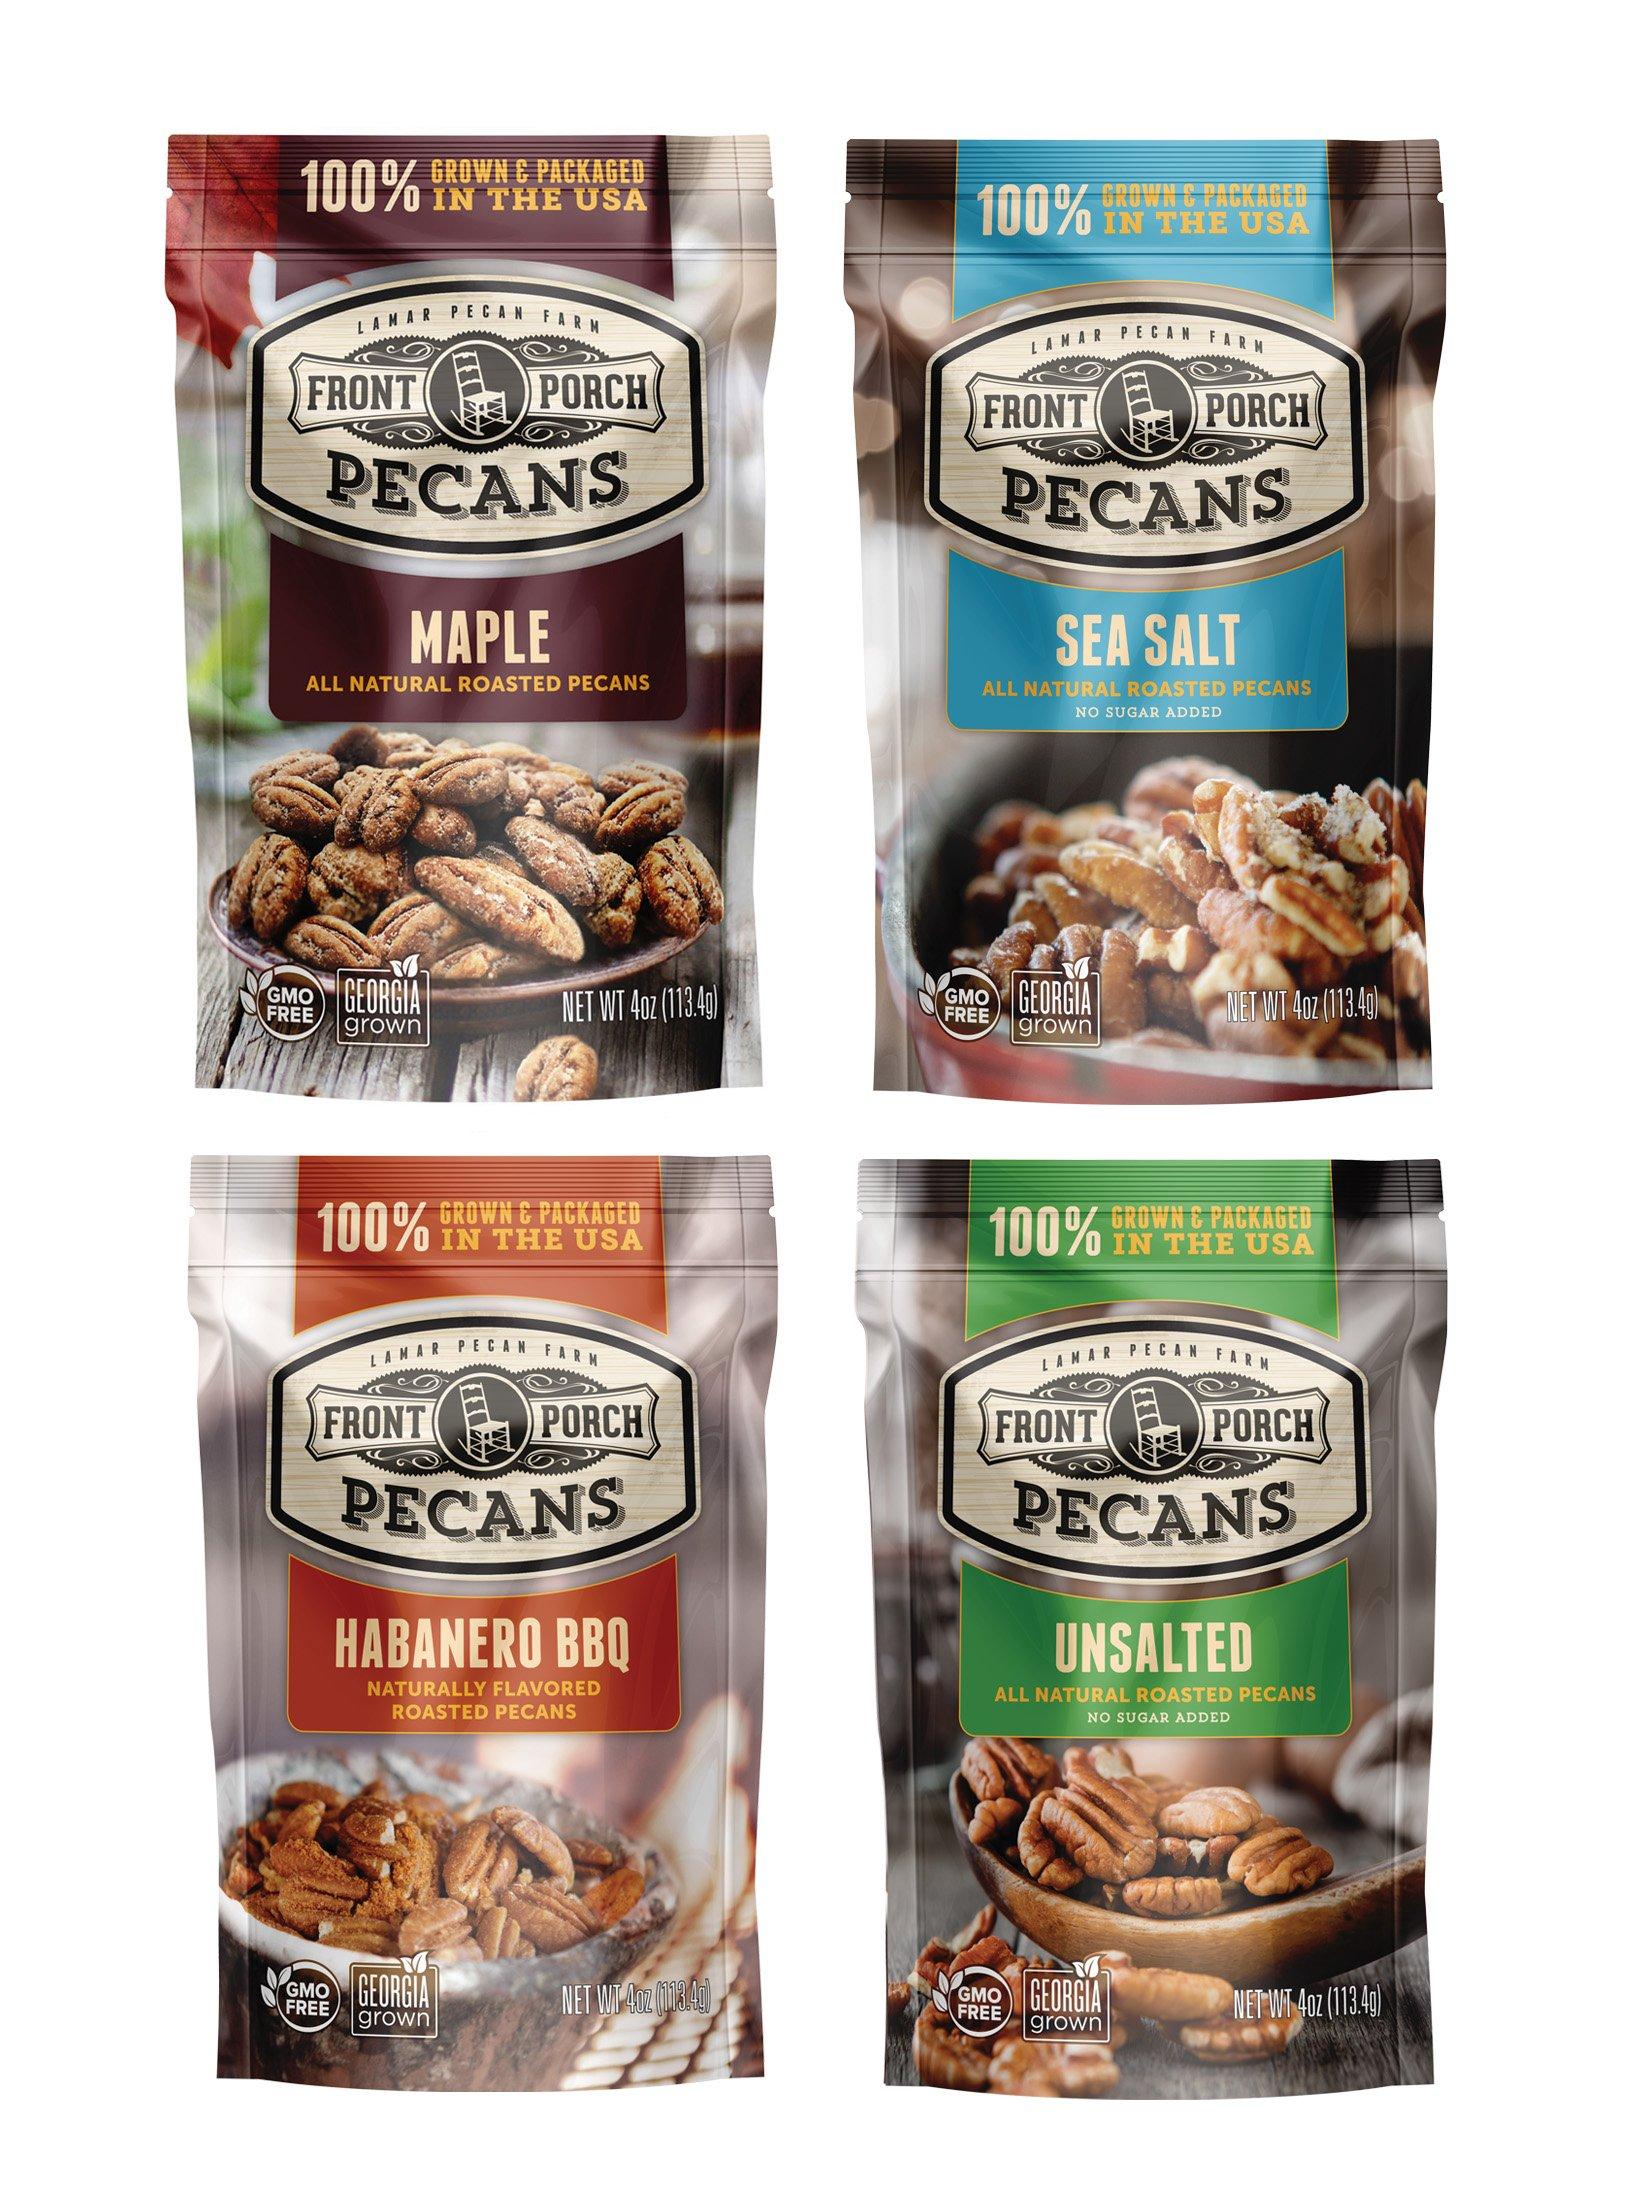 All Natural Roasted Pecans - Sampler Pack of 4